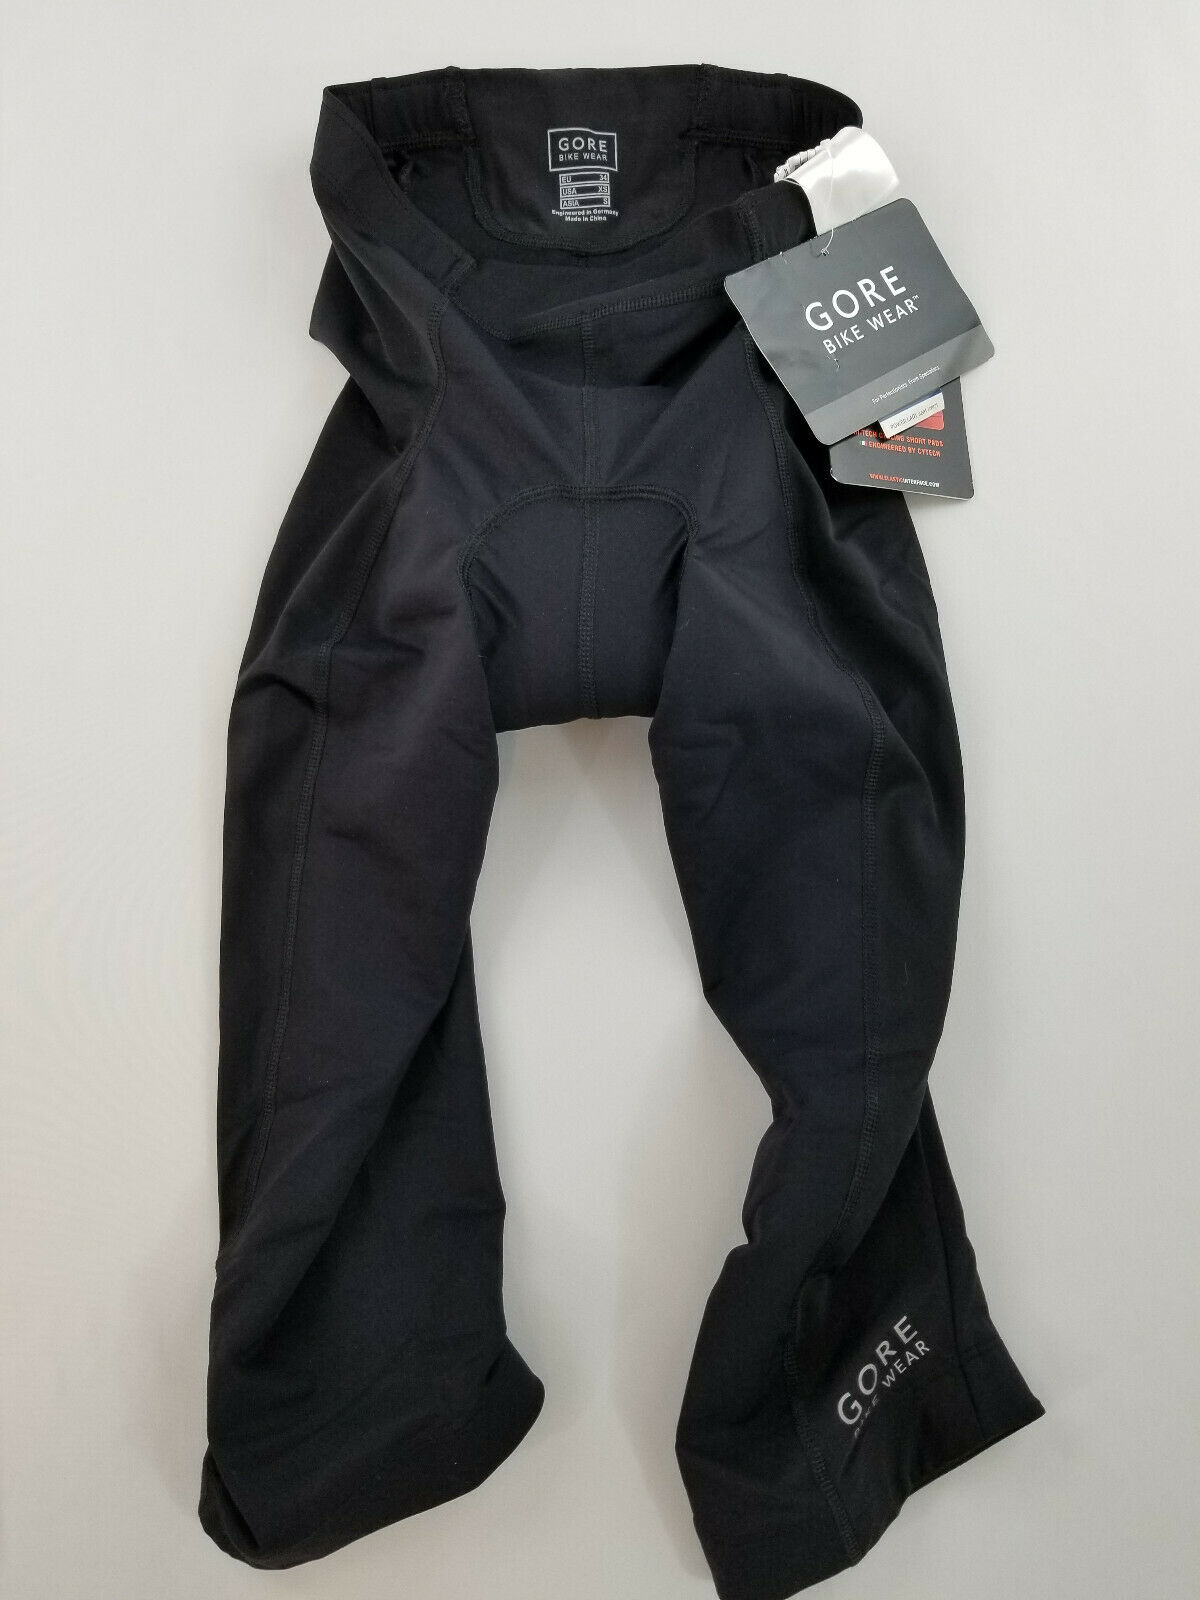 Nuovo Gore Bike Wear Pantaloni Donna Power Lady Seat Inserto Hi-Tech Nero XS